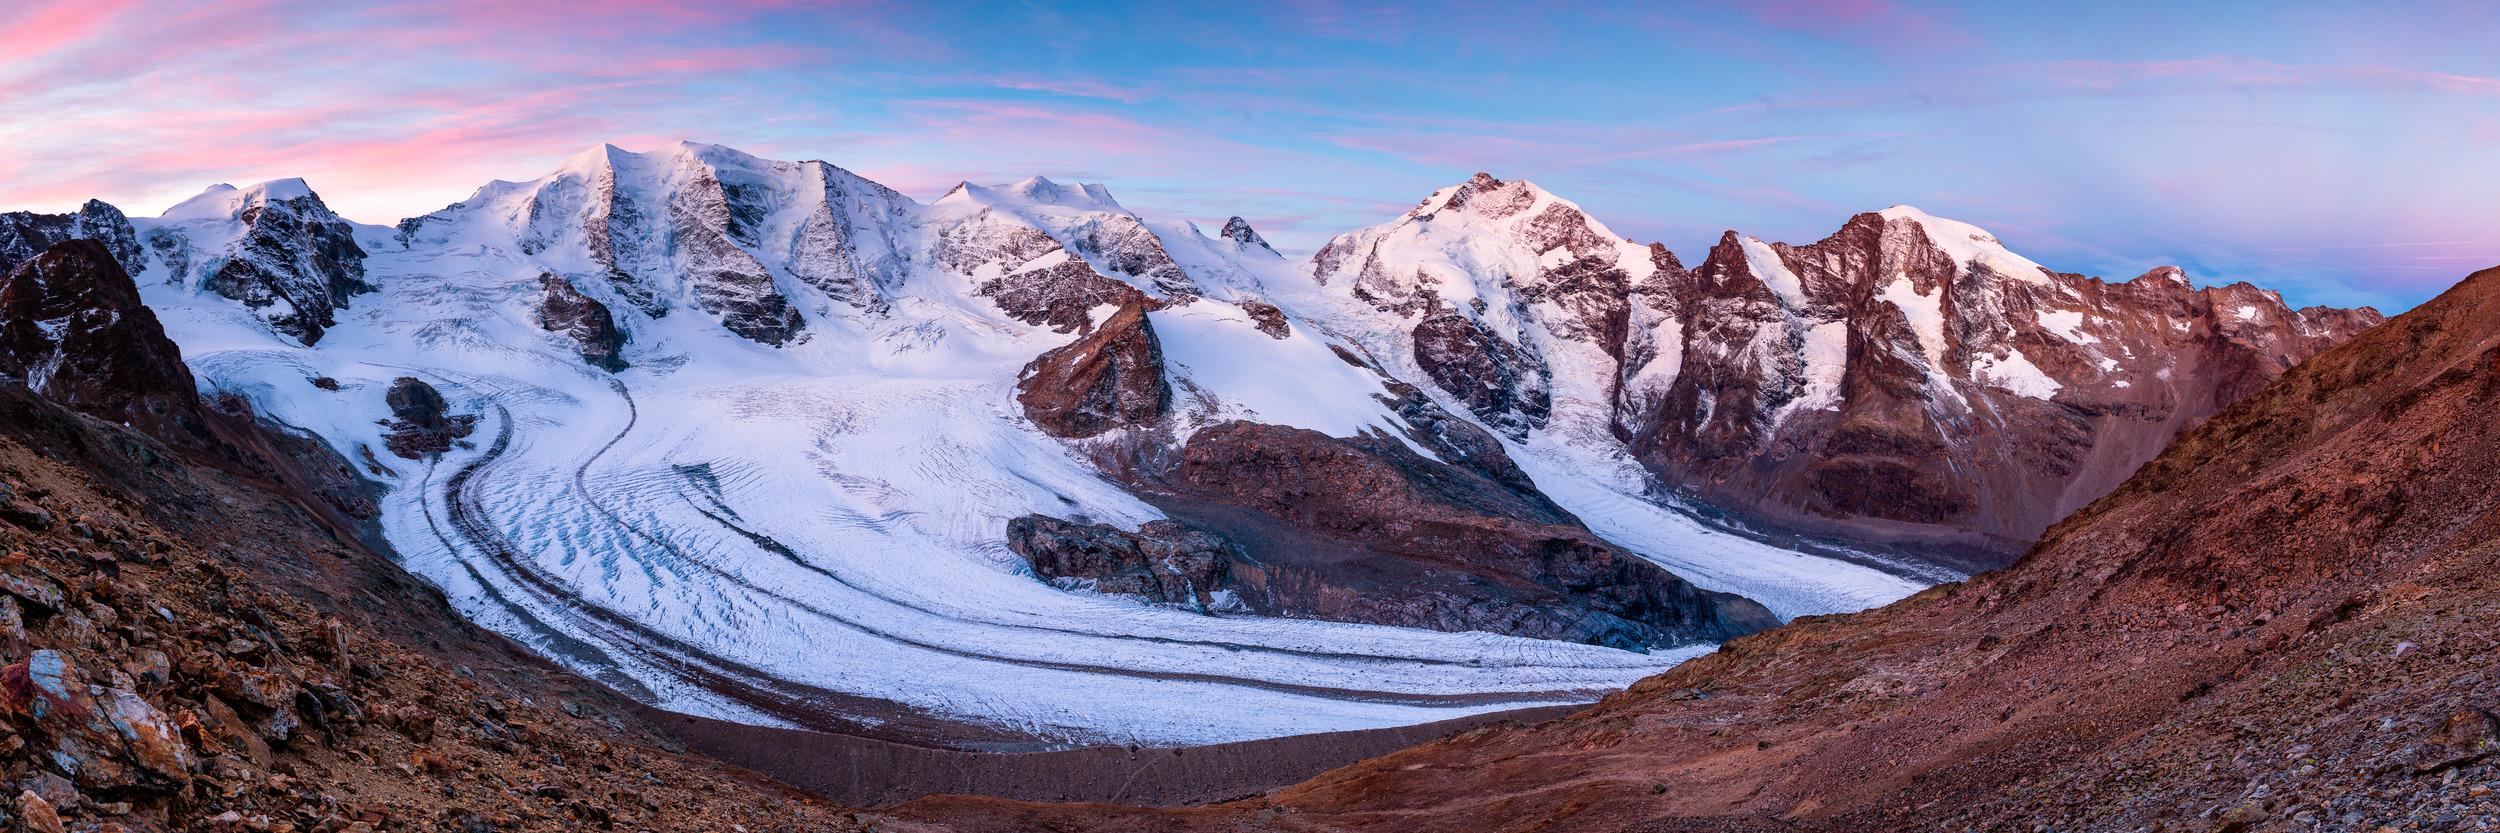 DIAVOLEZZA SUNRISE II - Schöne Landschaft Bilder kaufen   Stimmungs Foto als Fineart by Stefan Somogyi Fotografie